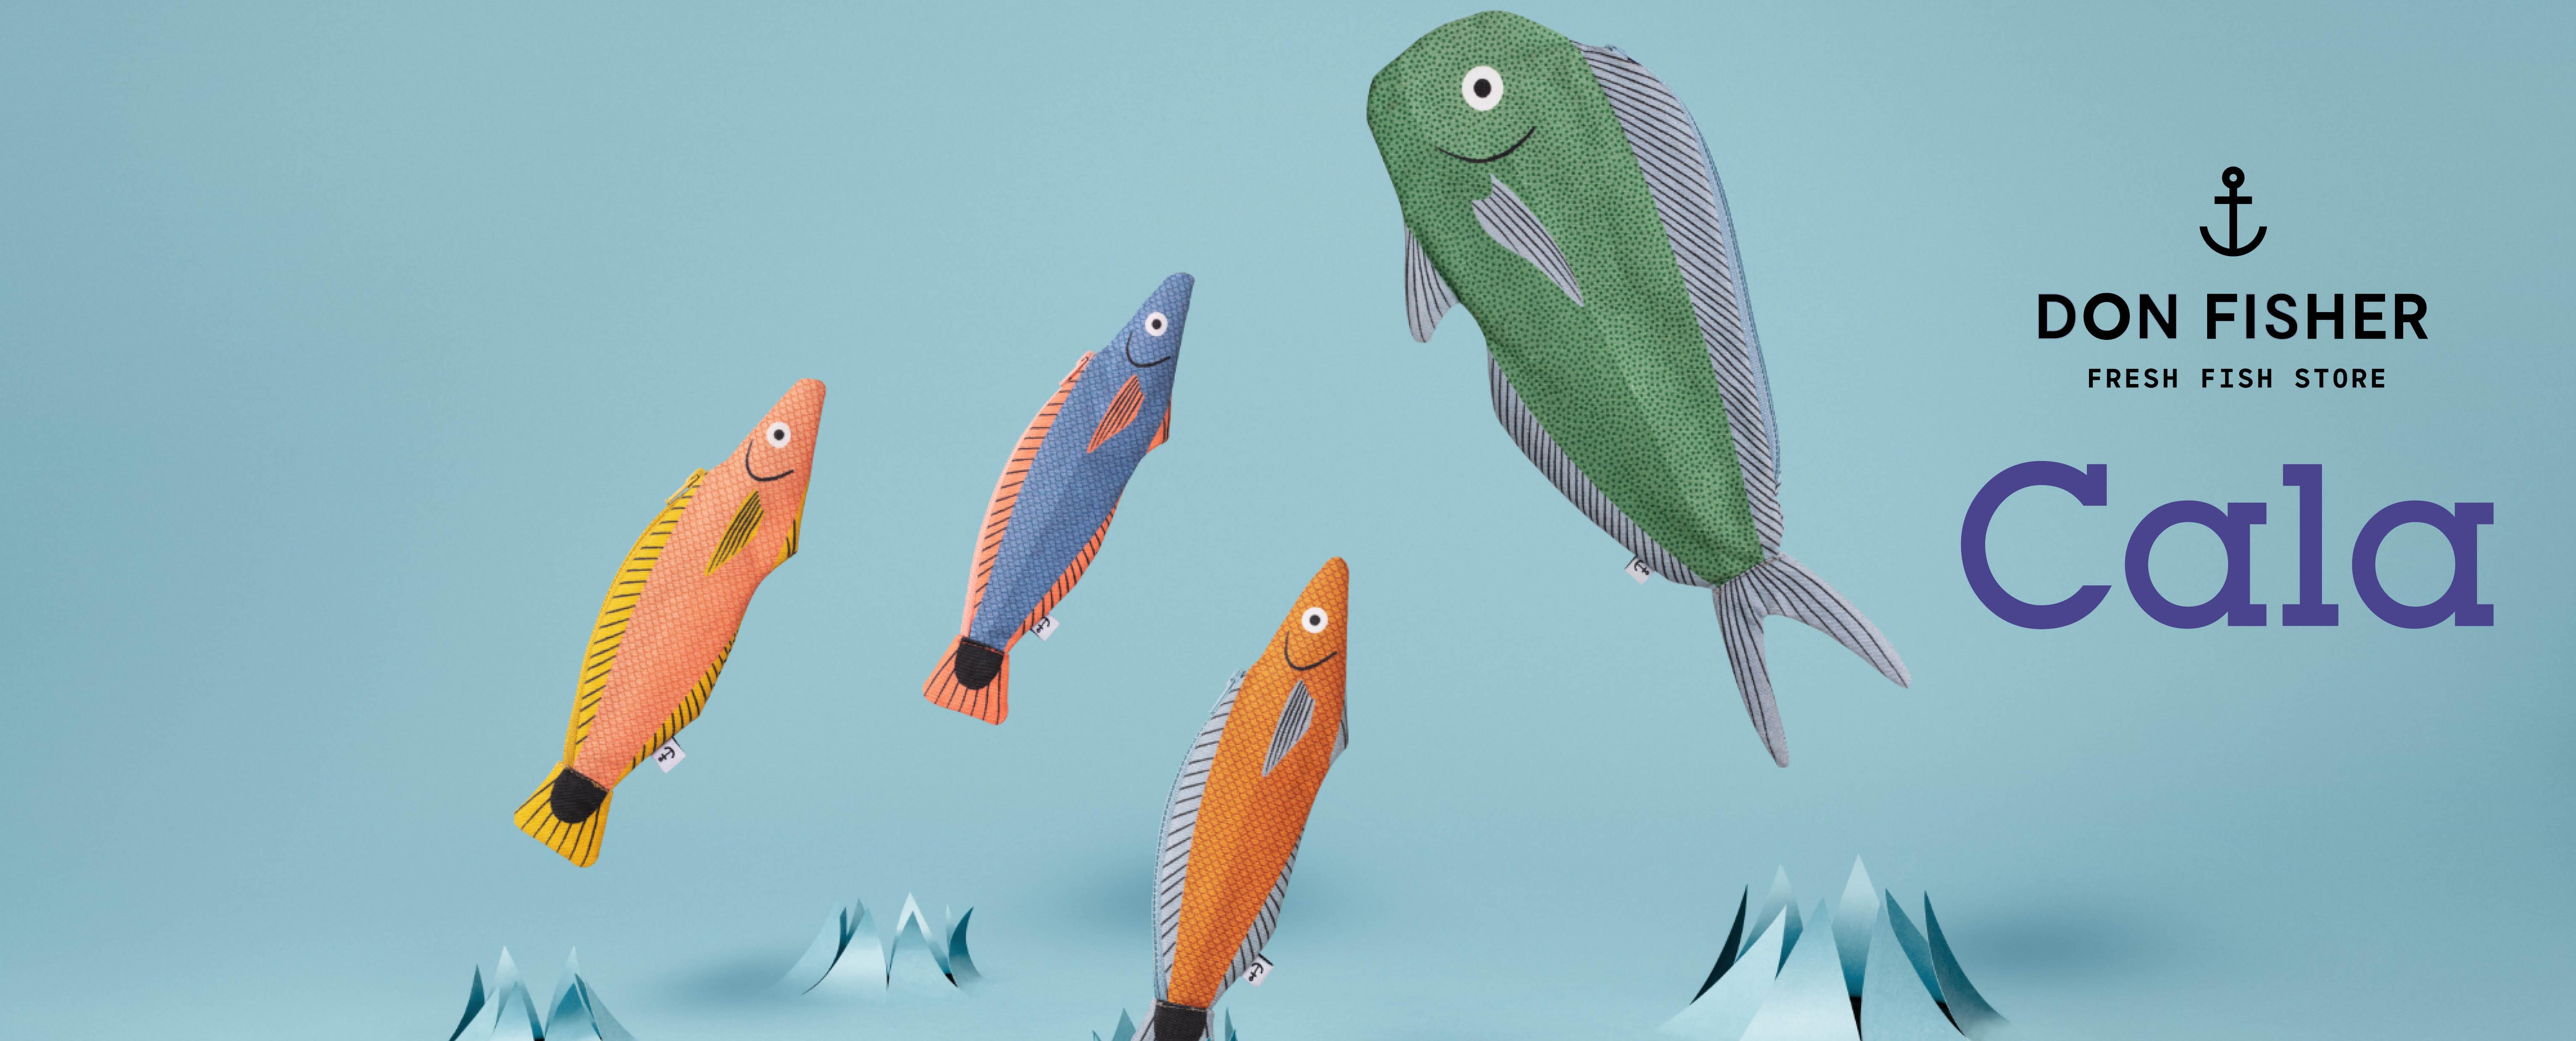 cala don fisher